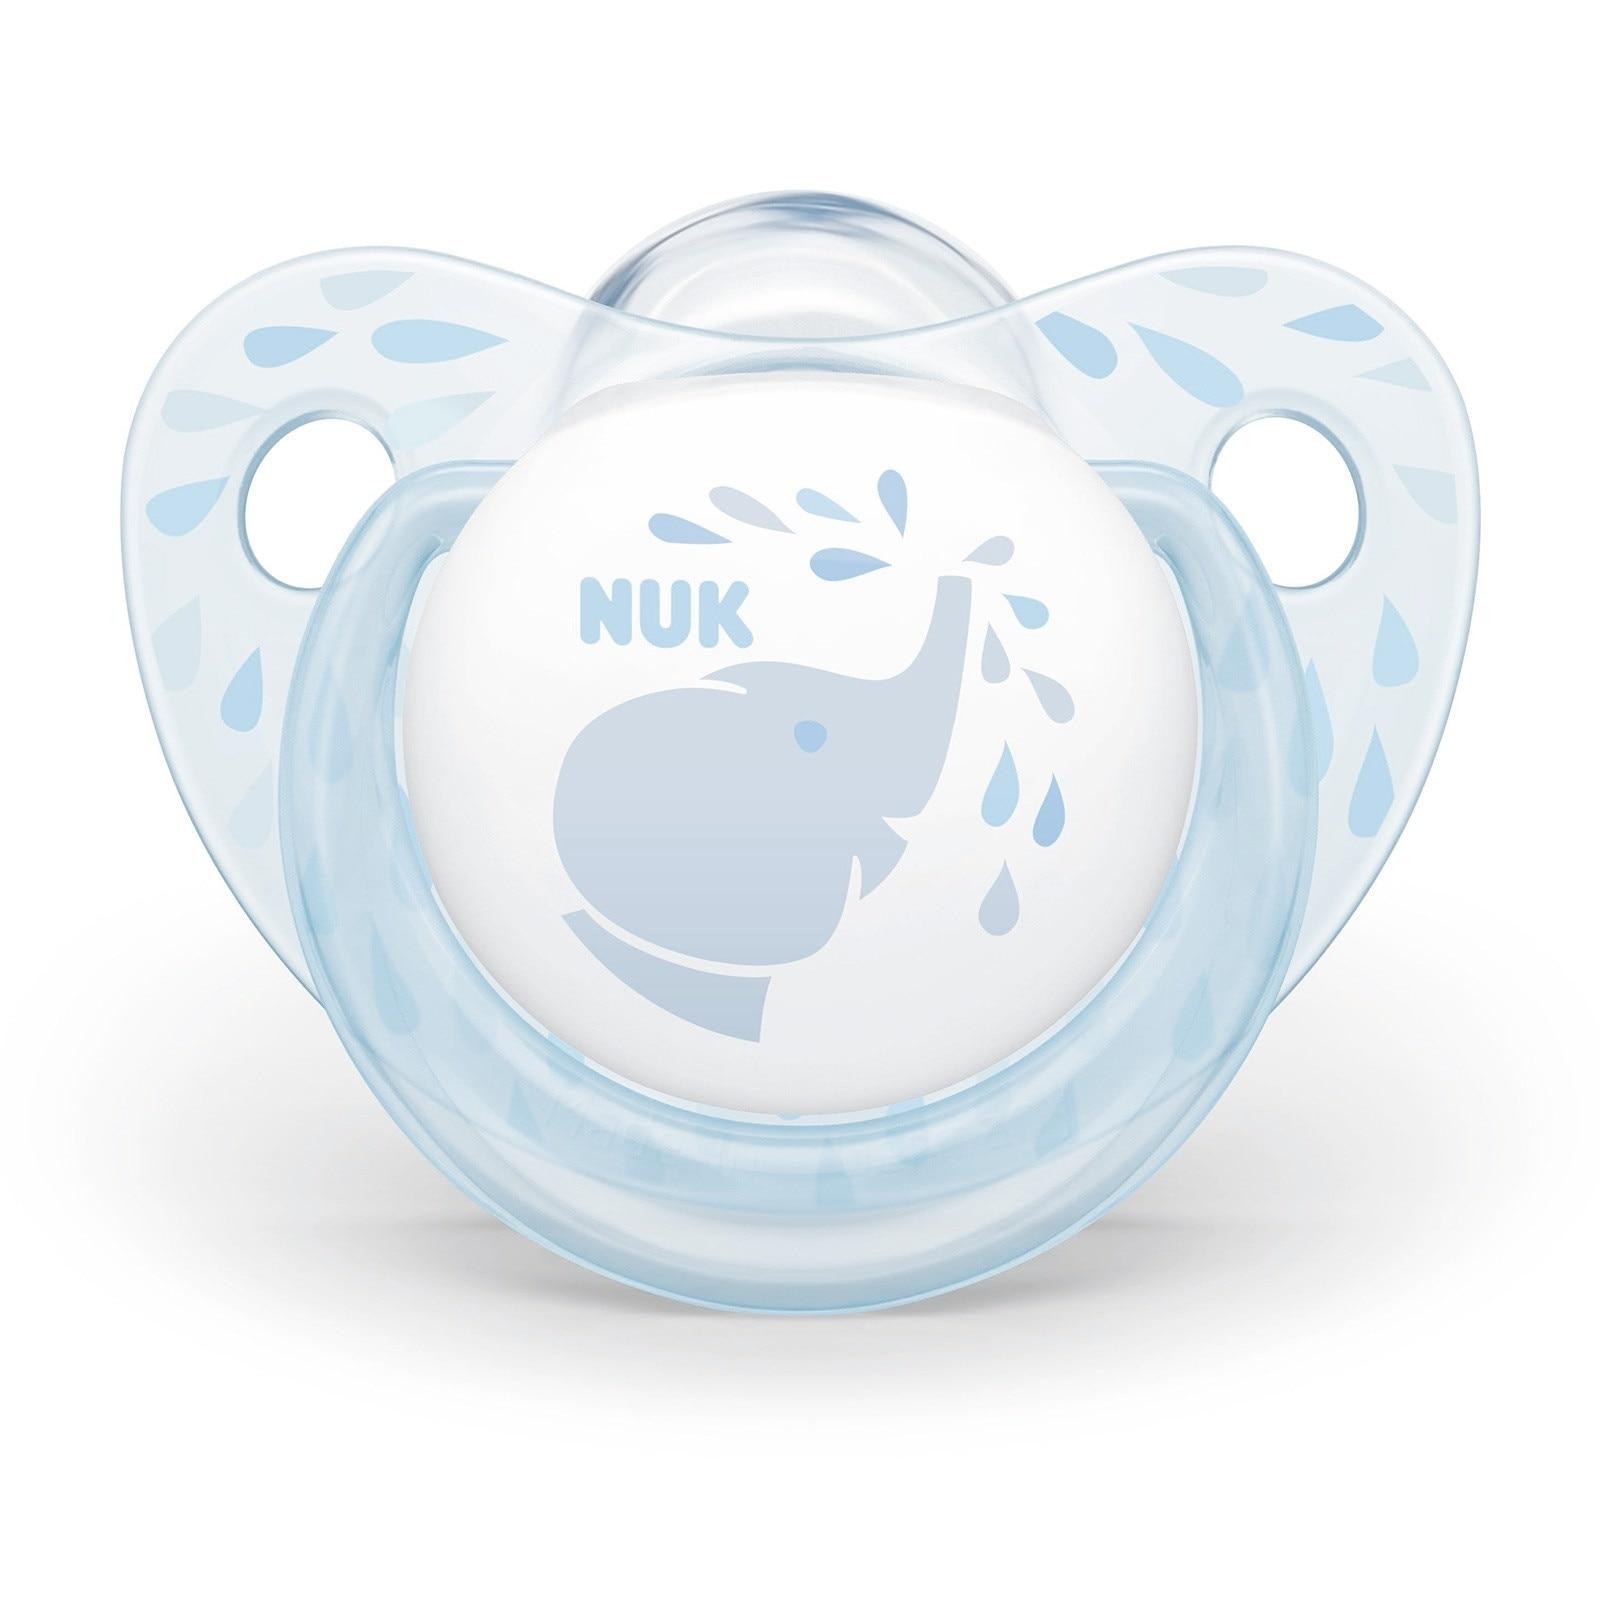 Ebebek Nuk Baby Blue Silicon Pacifier 6-18 Months Single